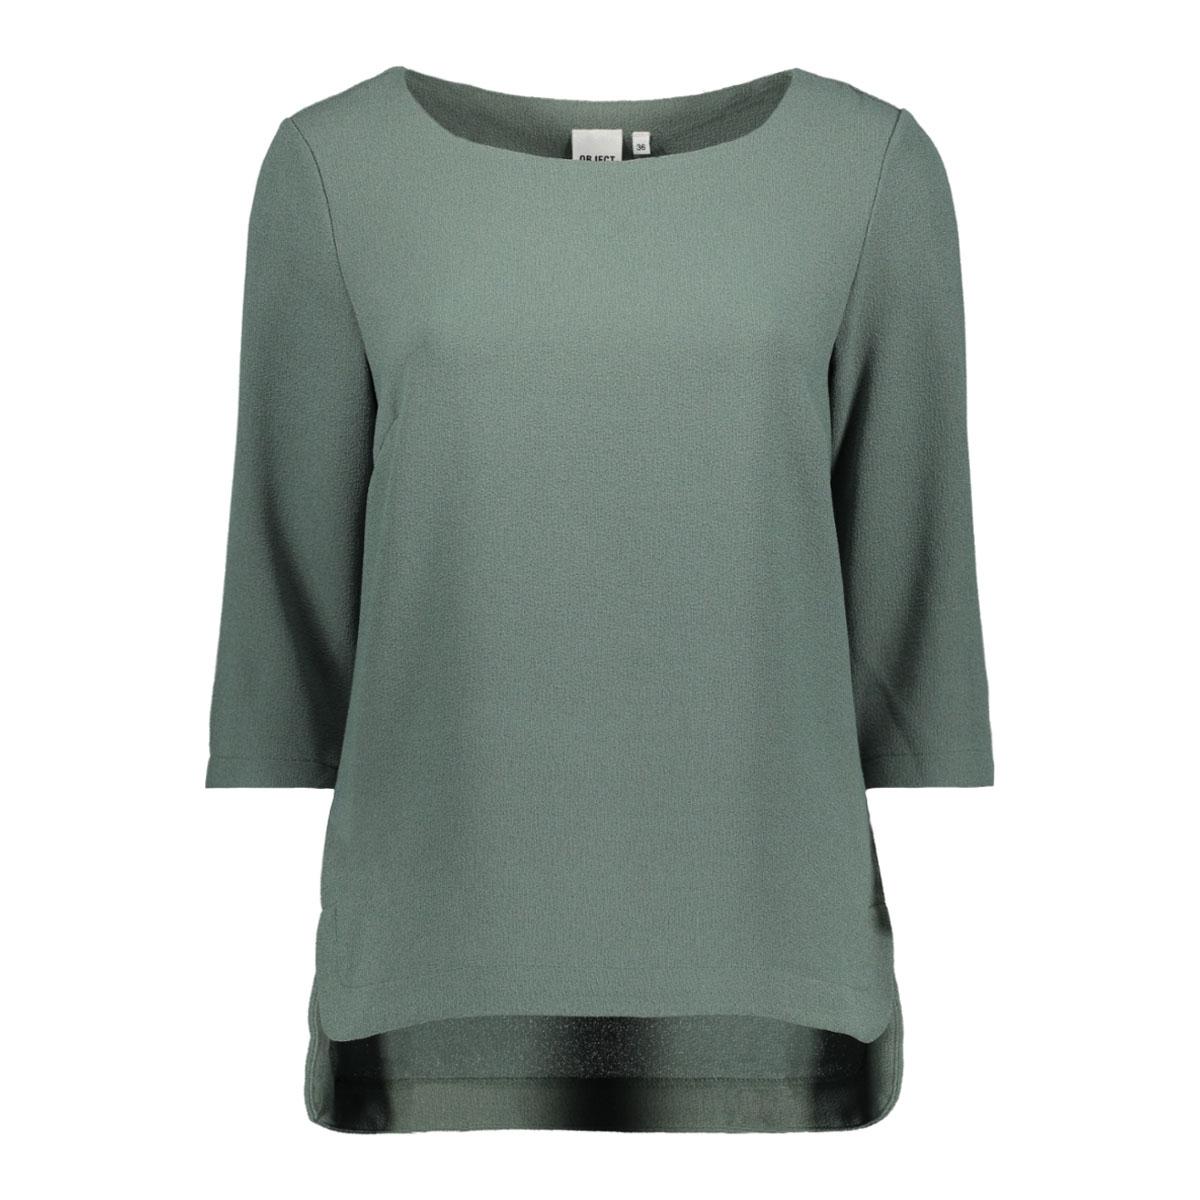 objcorlee 3/4 top noos 23024282 object t-shirt balsam green